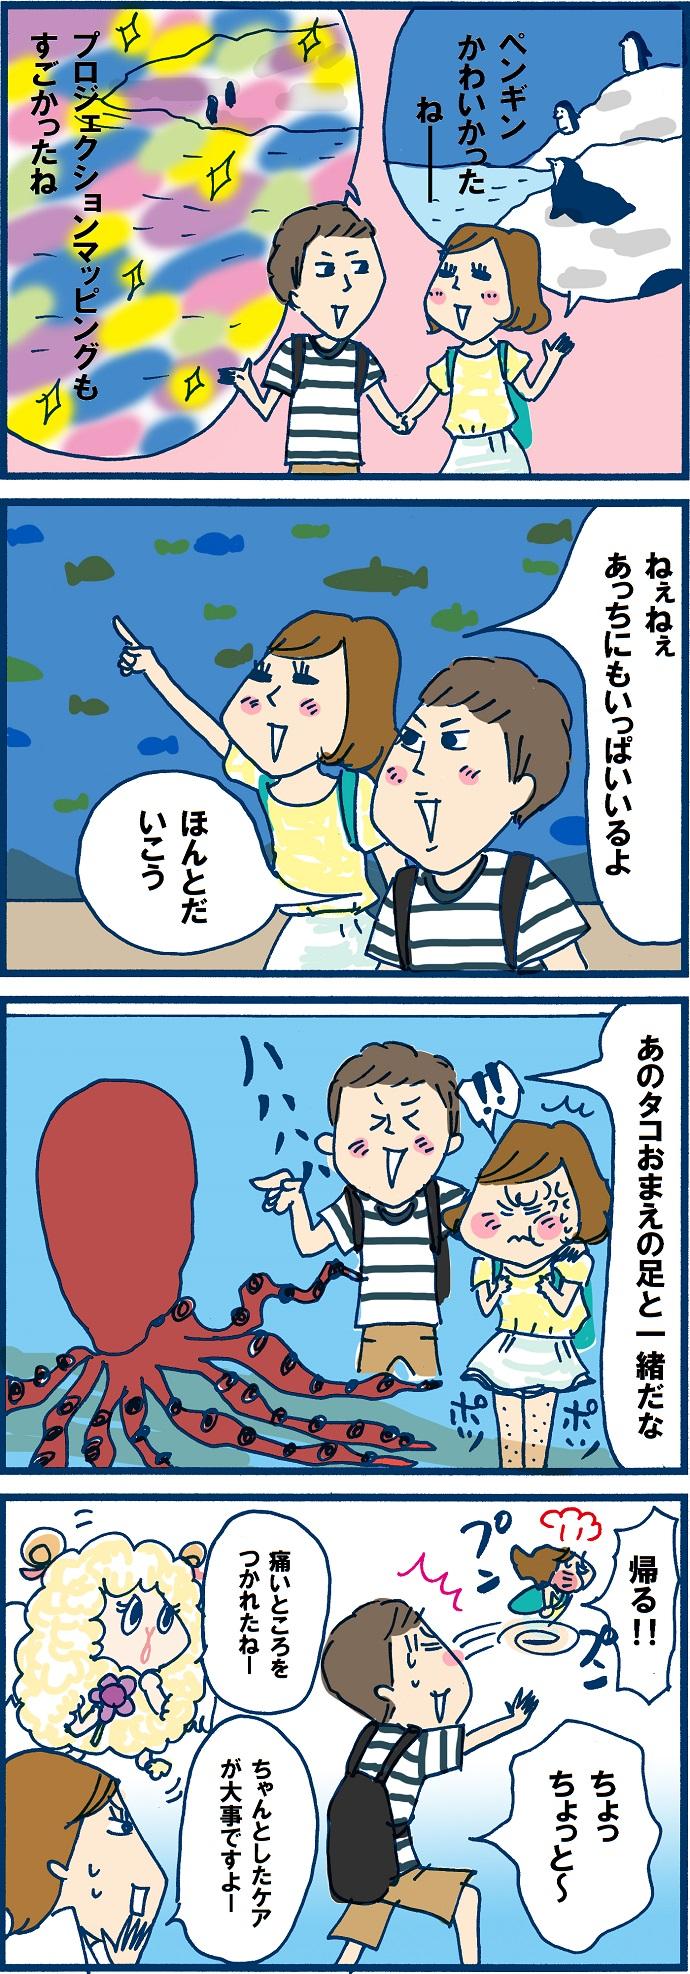 【Vol.16】二人の仲に水をさす!?週末デートで起きたハプニング